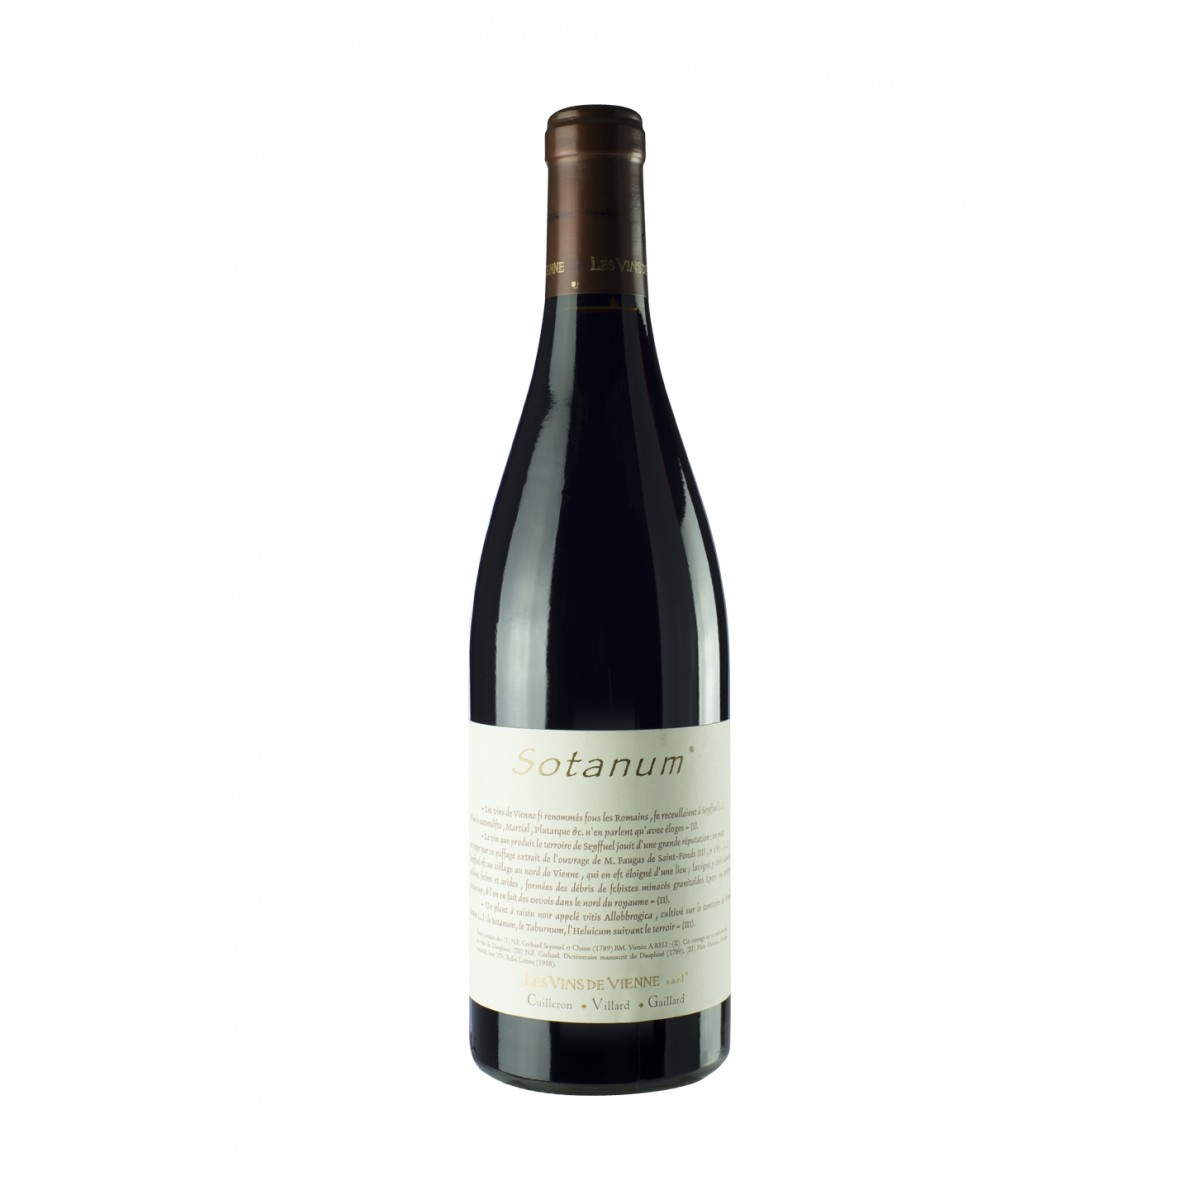 Sotanum 2013 - Les Vins de Vienne